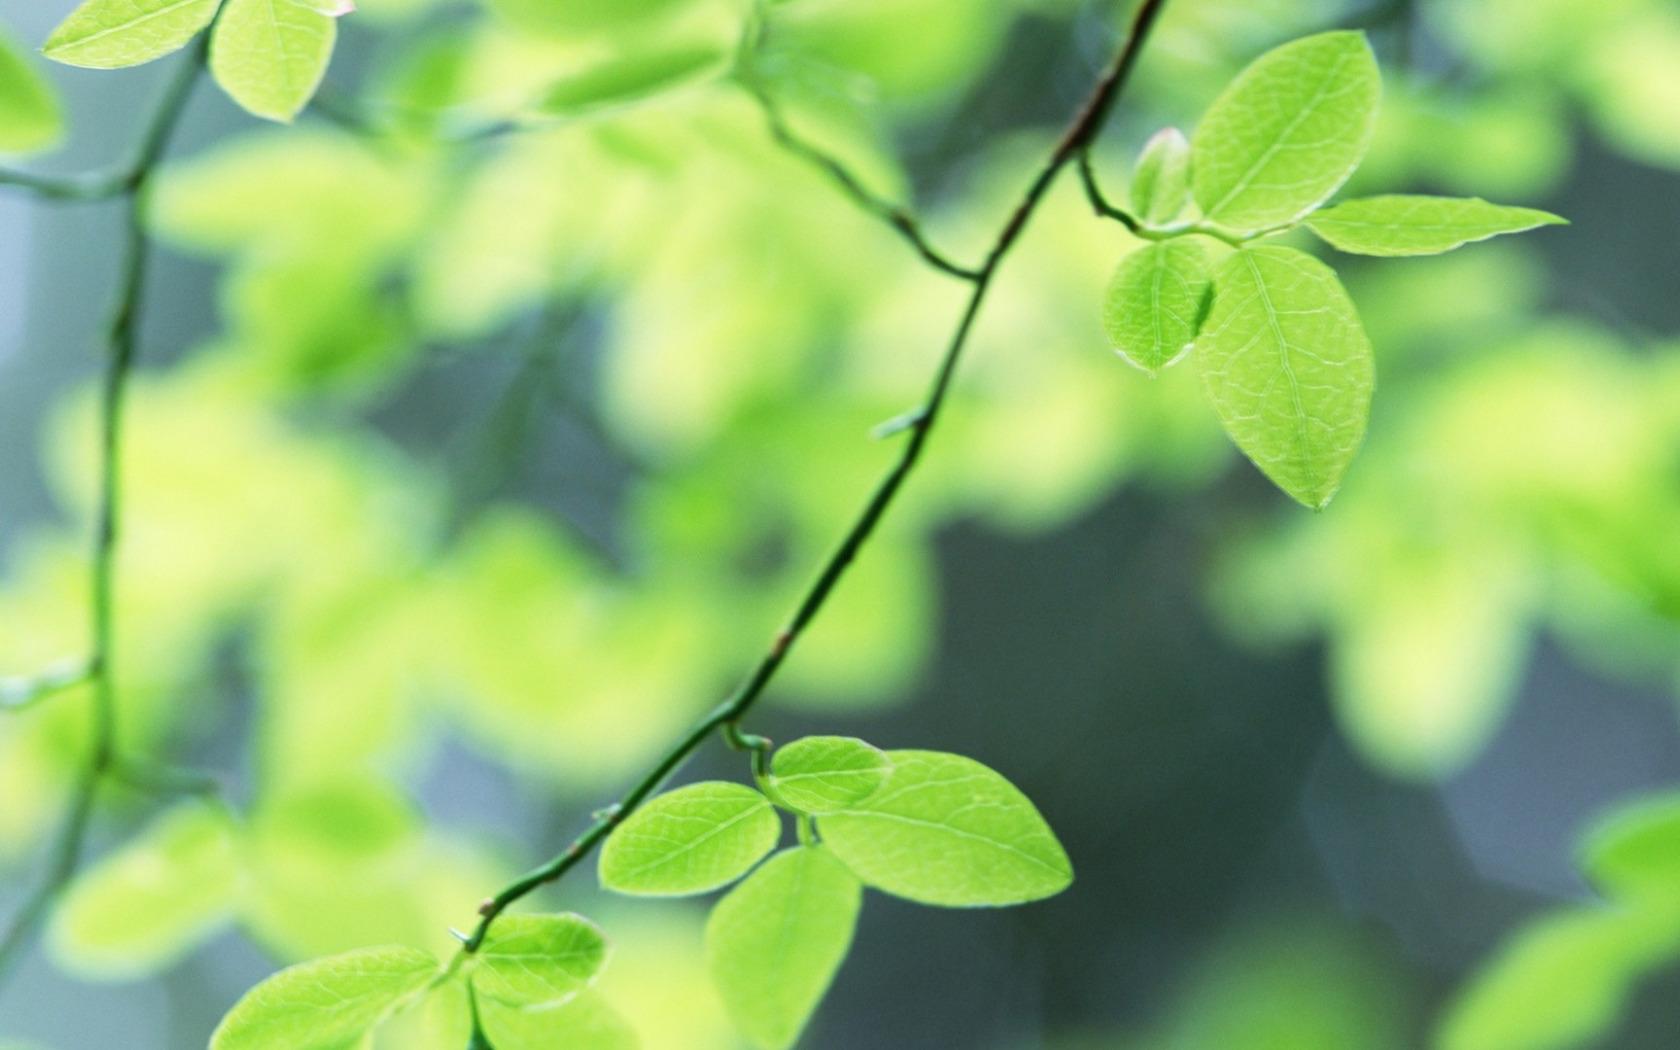 листья зелень фокус  № 1341611 бесплатно